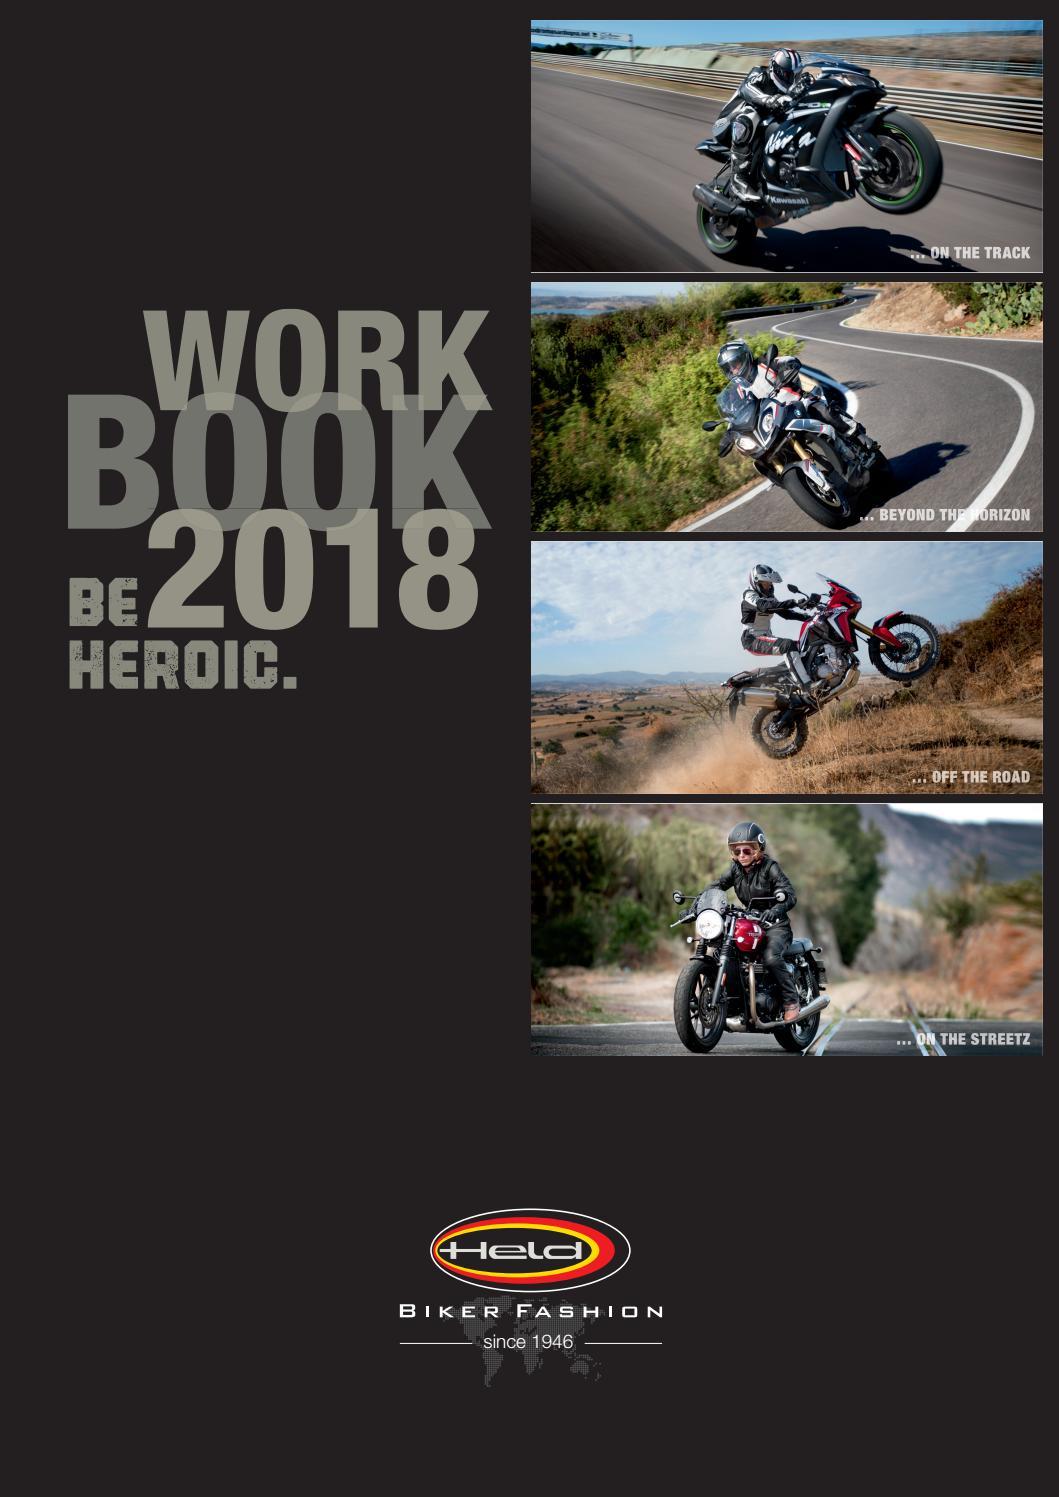 Held 2018 Deutsch by Pro moto issuu